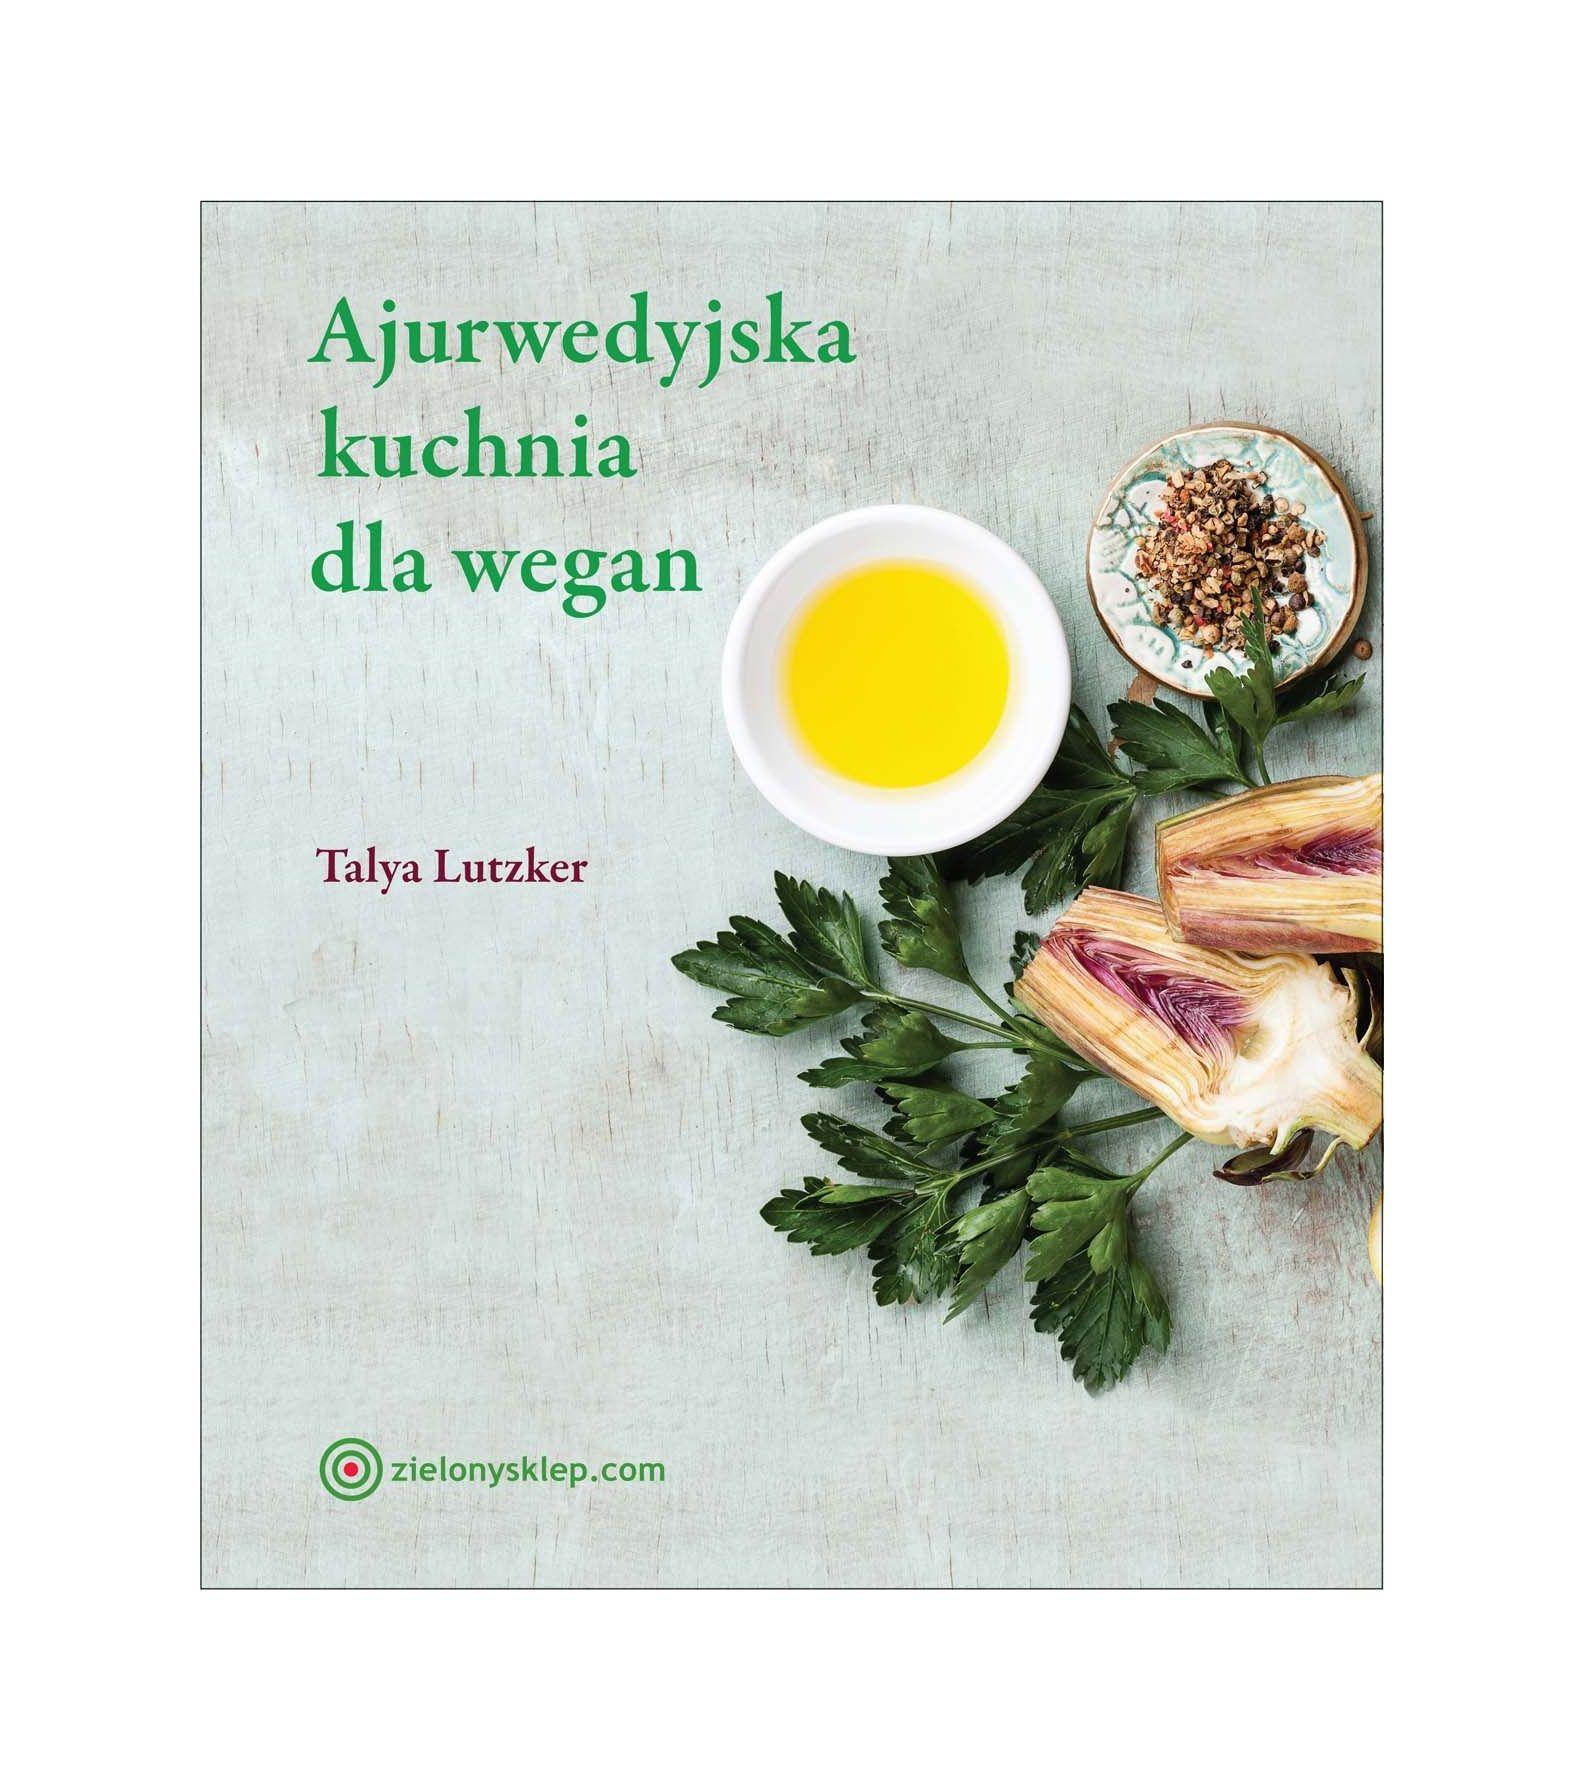 Ajur Kuch Weganska I Ciekawam Kuchnia Ksiazki I Jedzenie